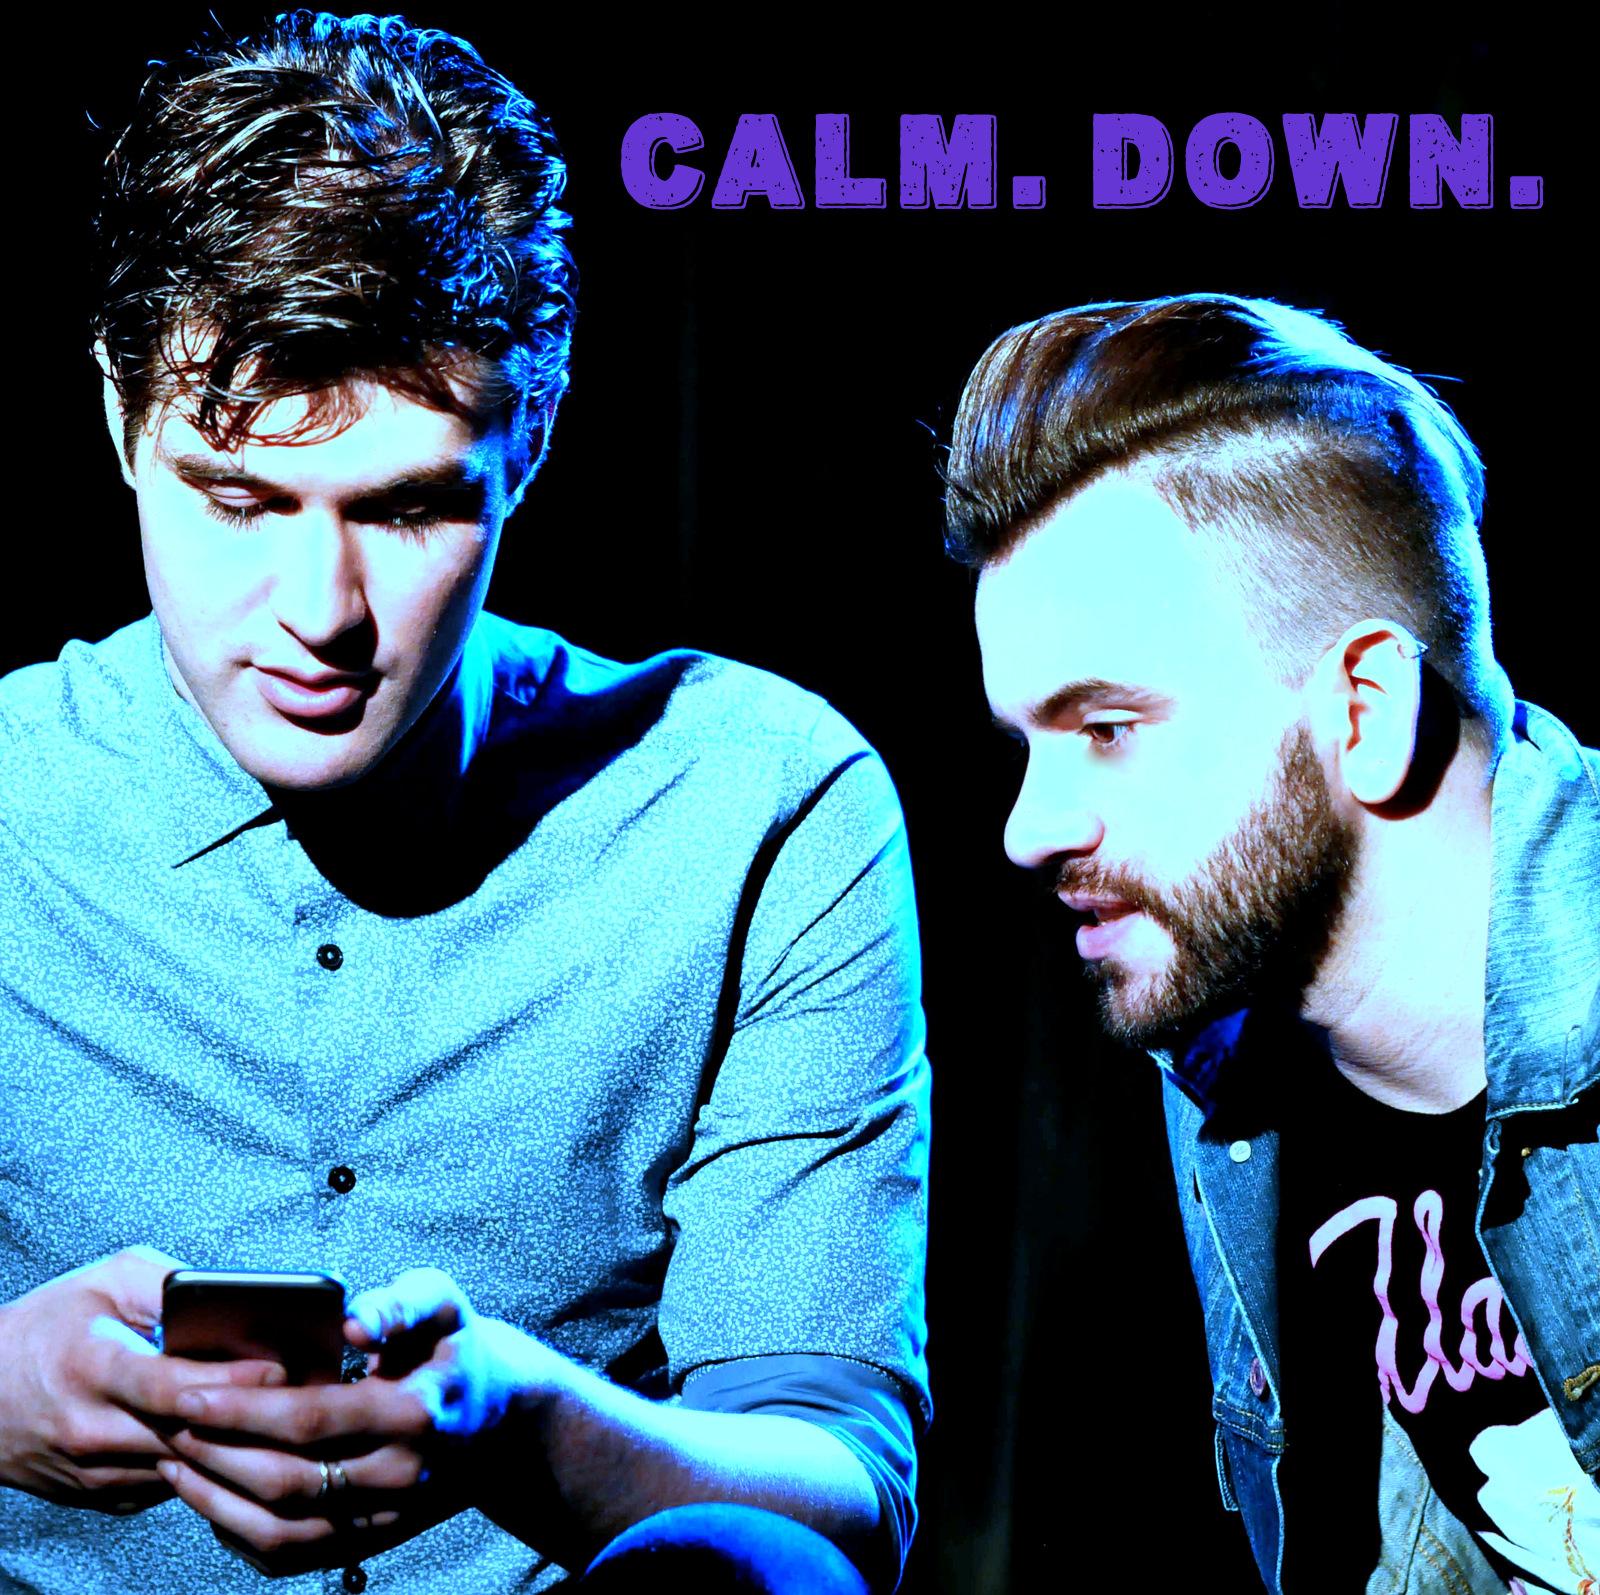 Calm. Down.